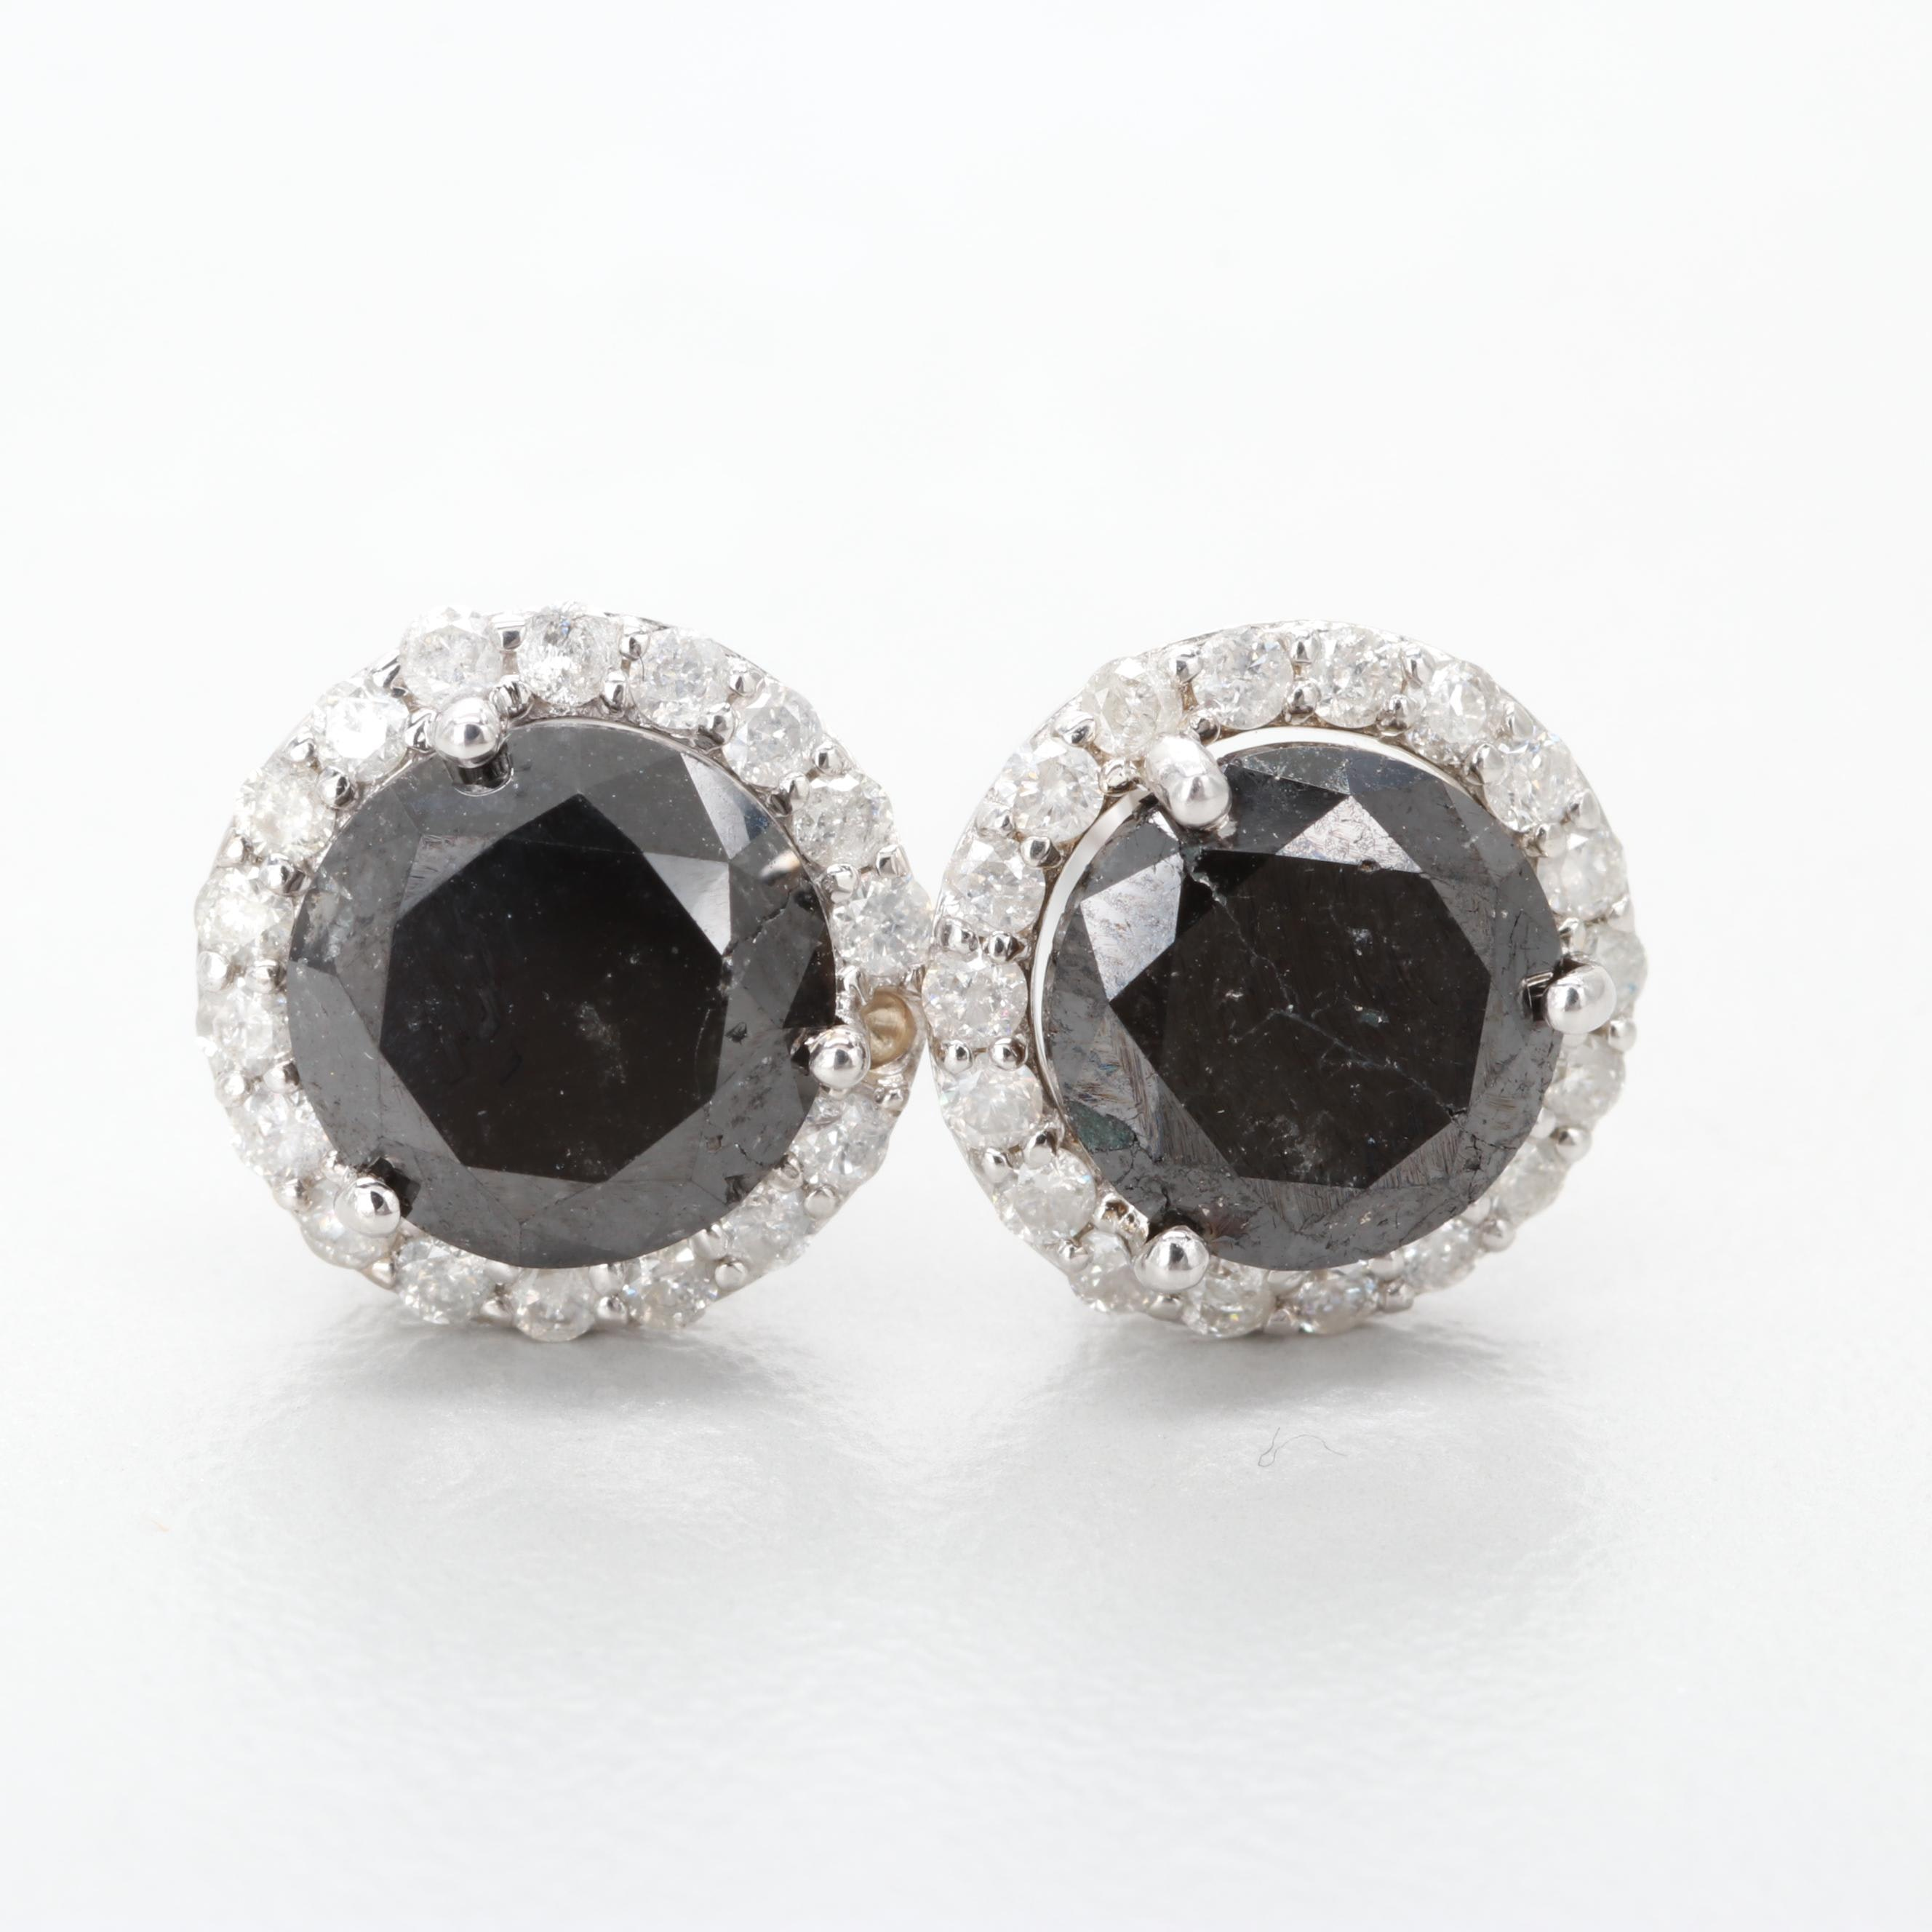 14K White Gold 3.06 CTW Diamond Earrings